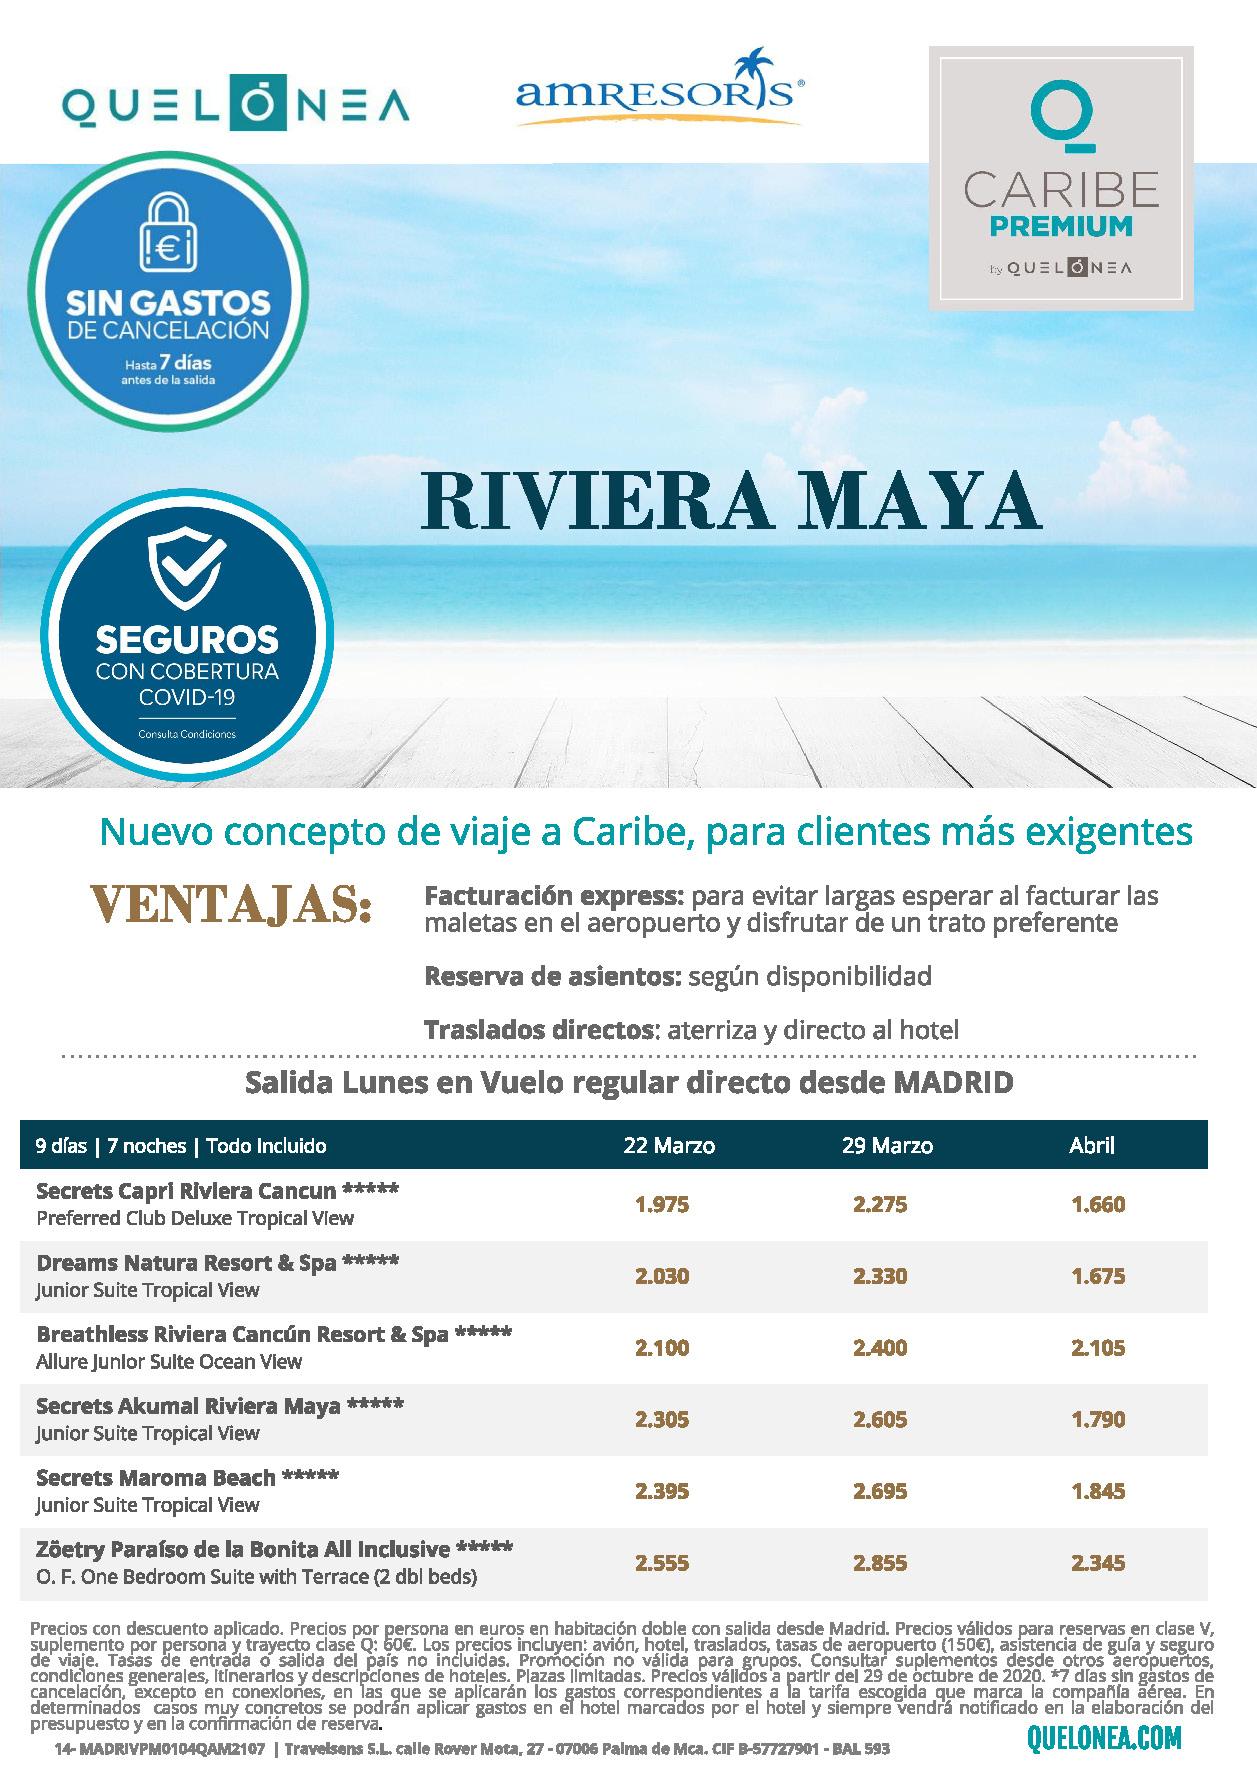 Ofertas Quelonea Caribe Premium Mexico Riviera maya Enero a Abril 2021 vuelo directo desde Madrid